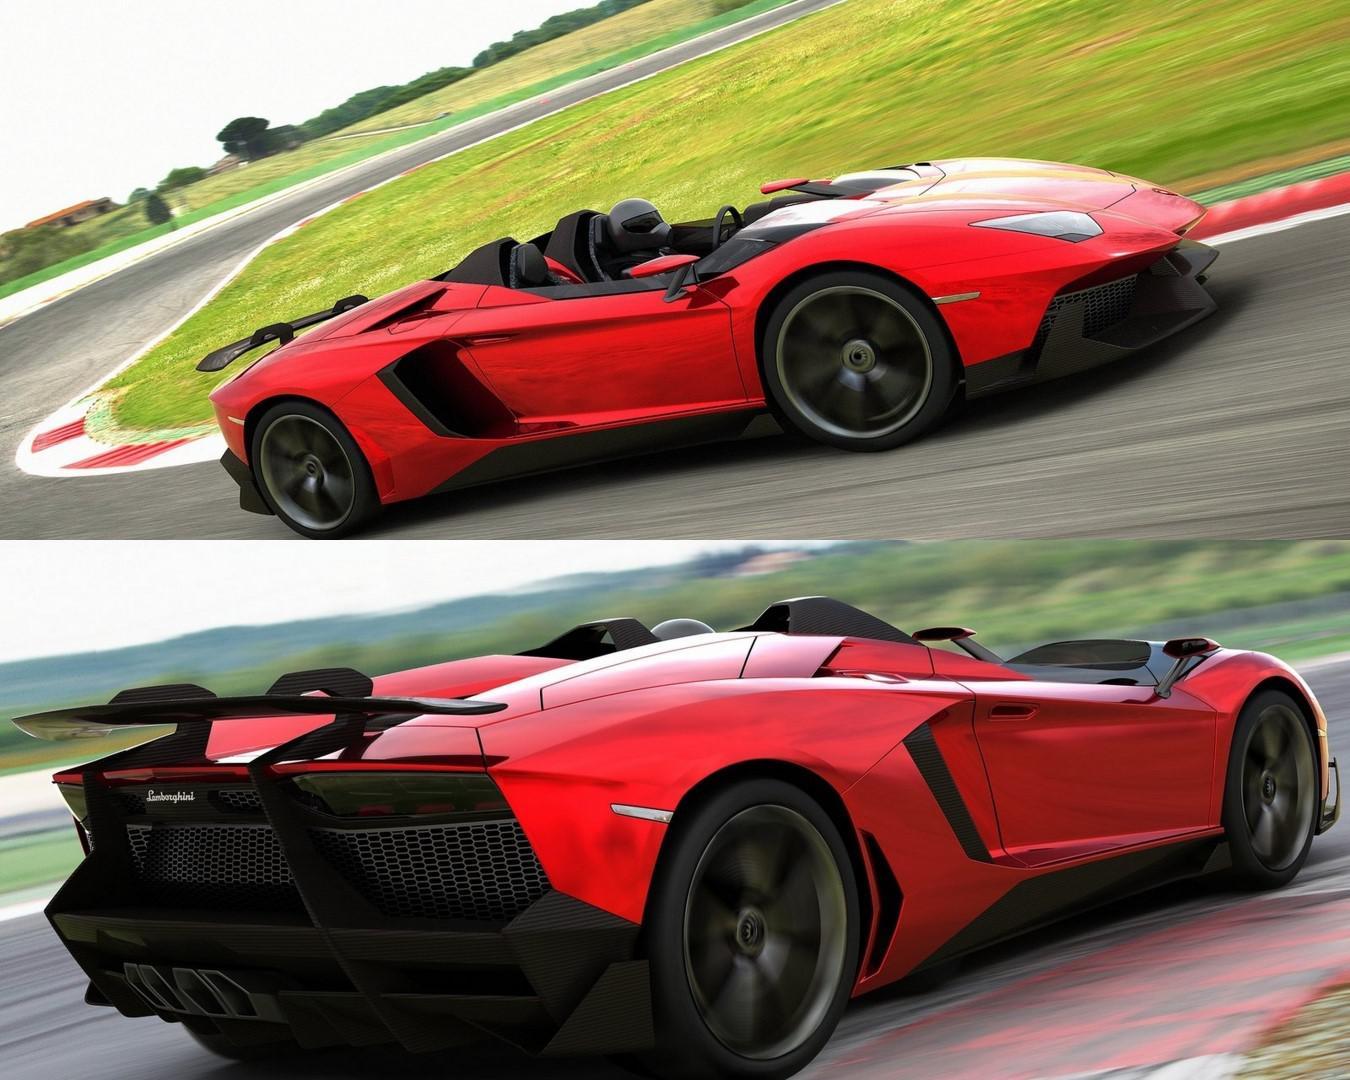 mode-supercars-sans-pare-brise-speedsters-et-barchettes-1154-3.jpg